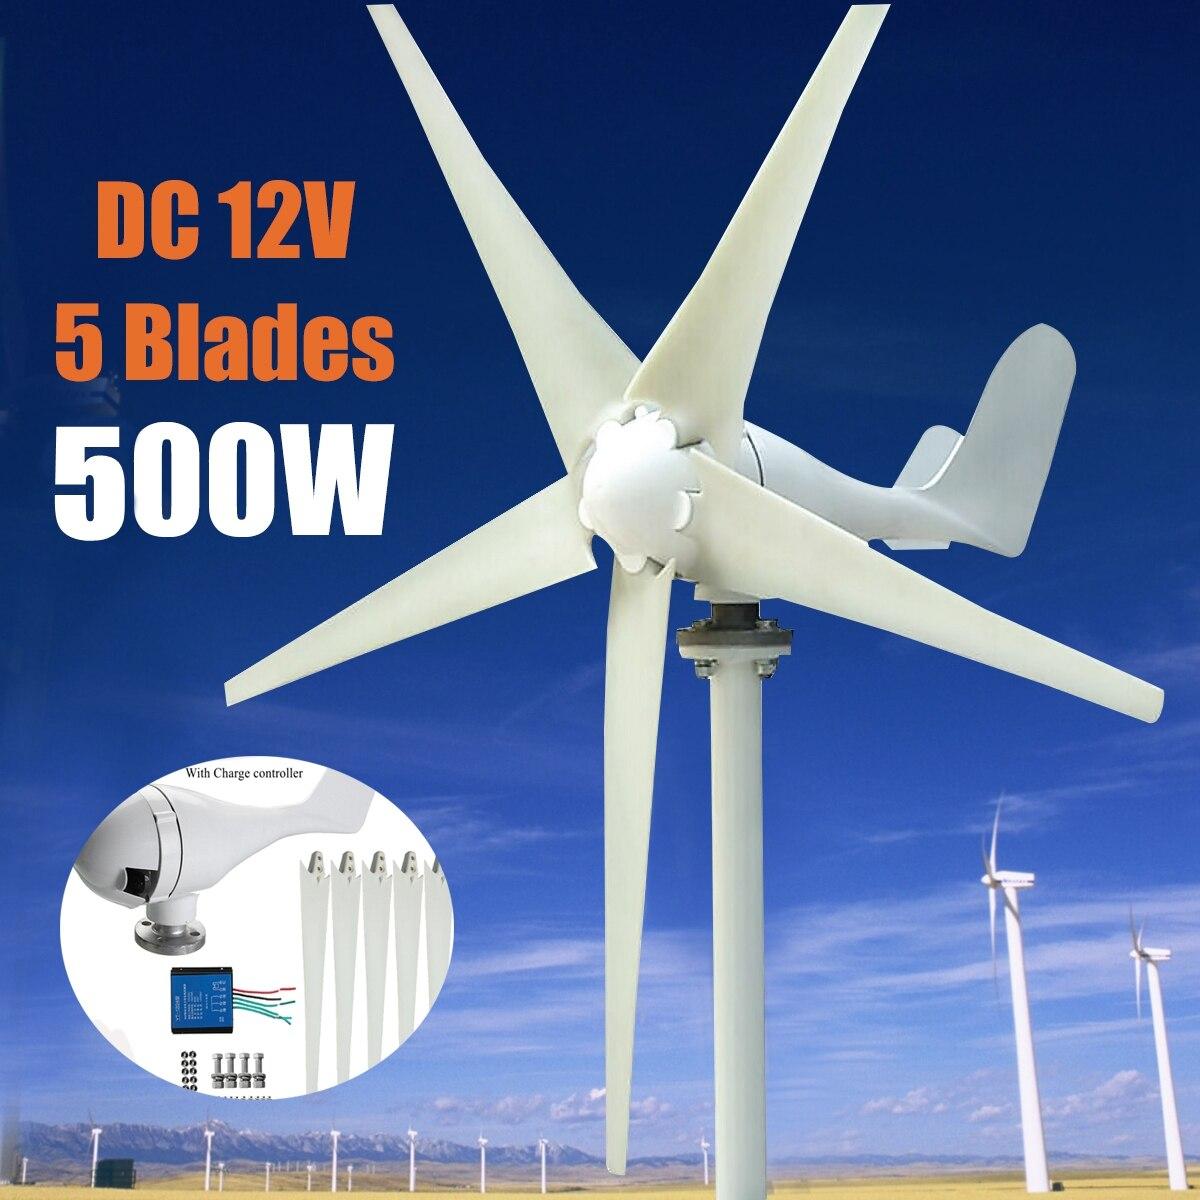 Max 600 Вт ветряной генератор DC 12 В в/24 В в 5 лезвие питание с контроллером заряда для дома Гибридный уличного света Применение